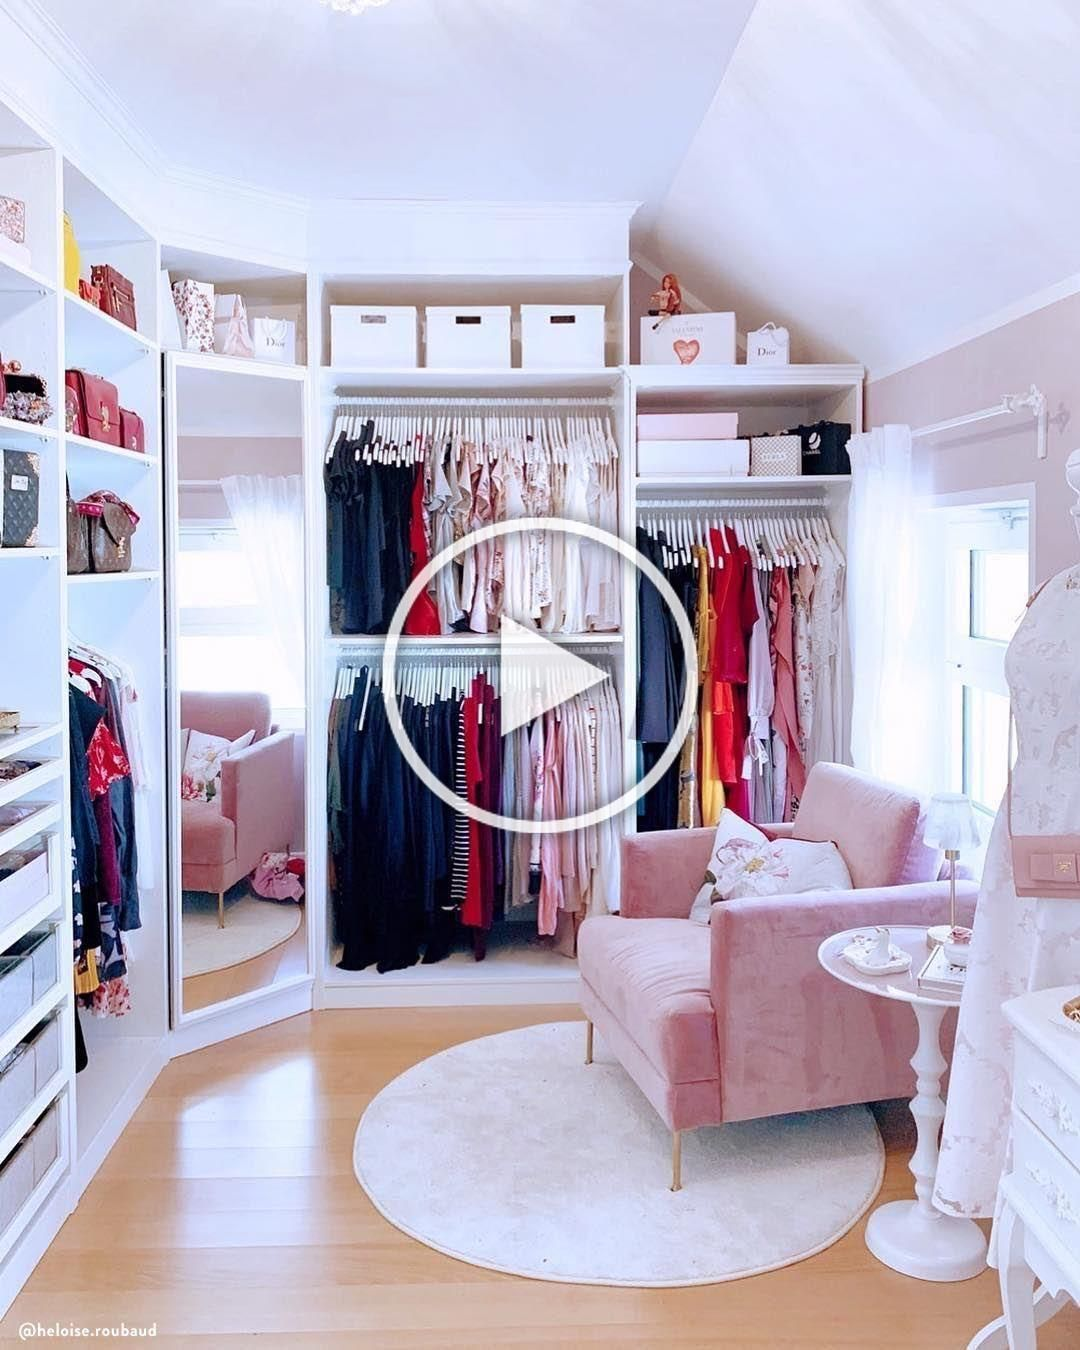 Come Organizzare La Cabina Armadio un guardaroba glam ✨ piccola o grand che sia, la cabina